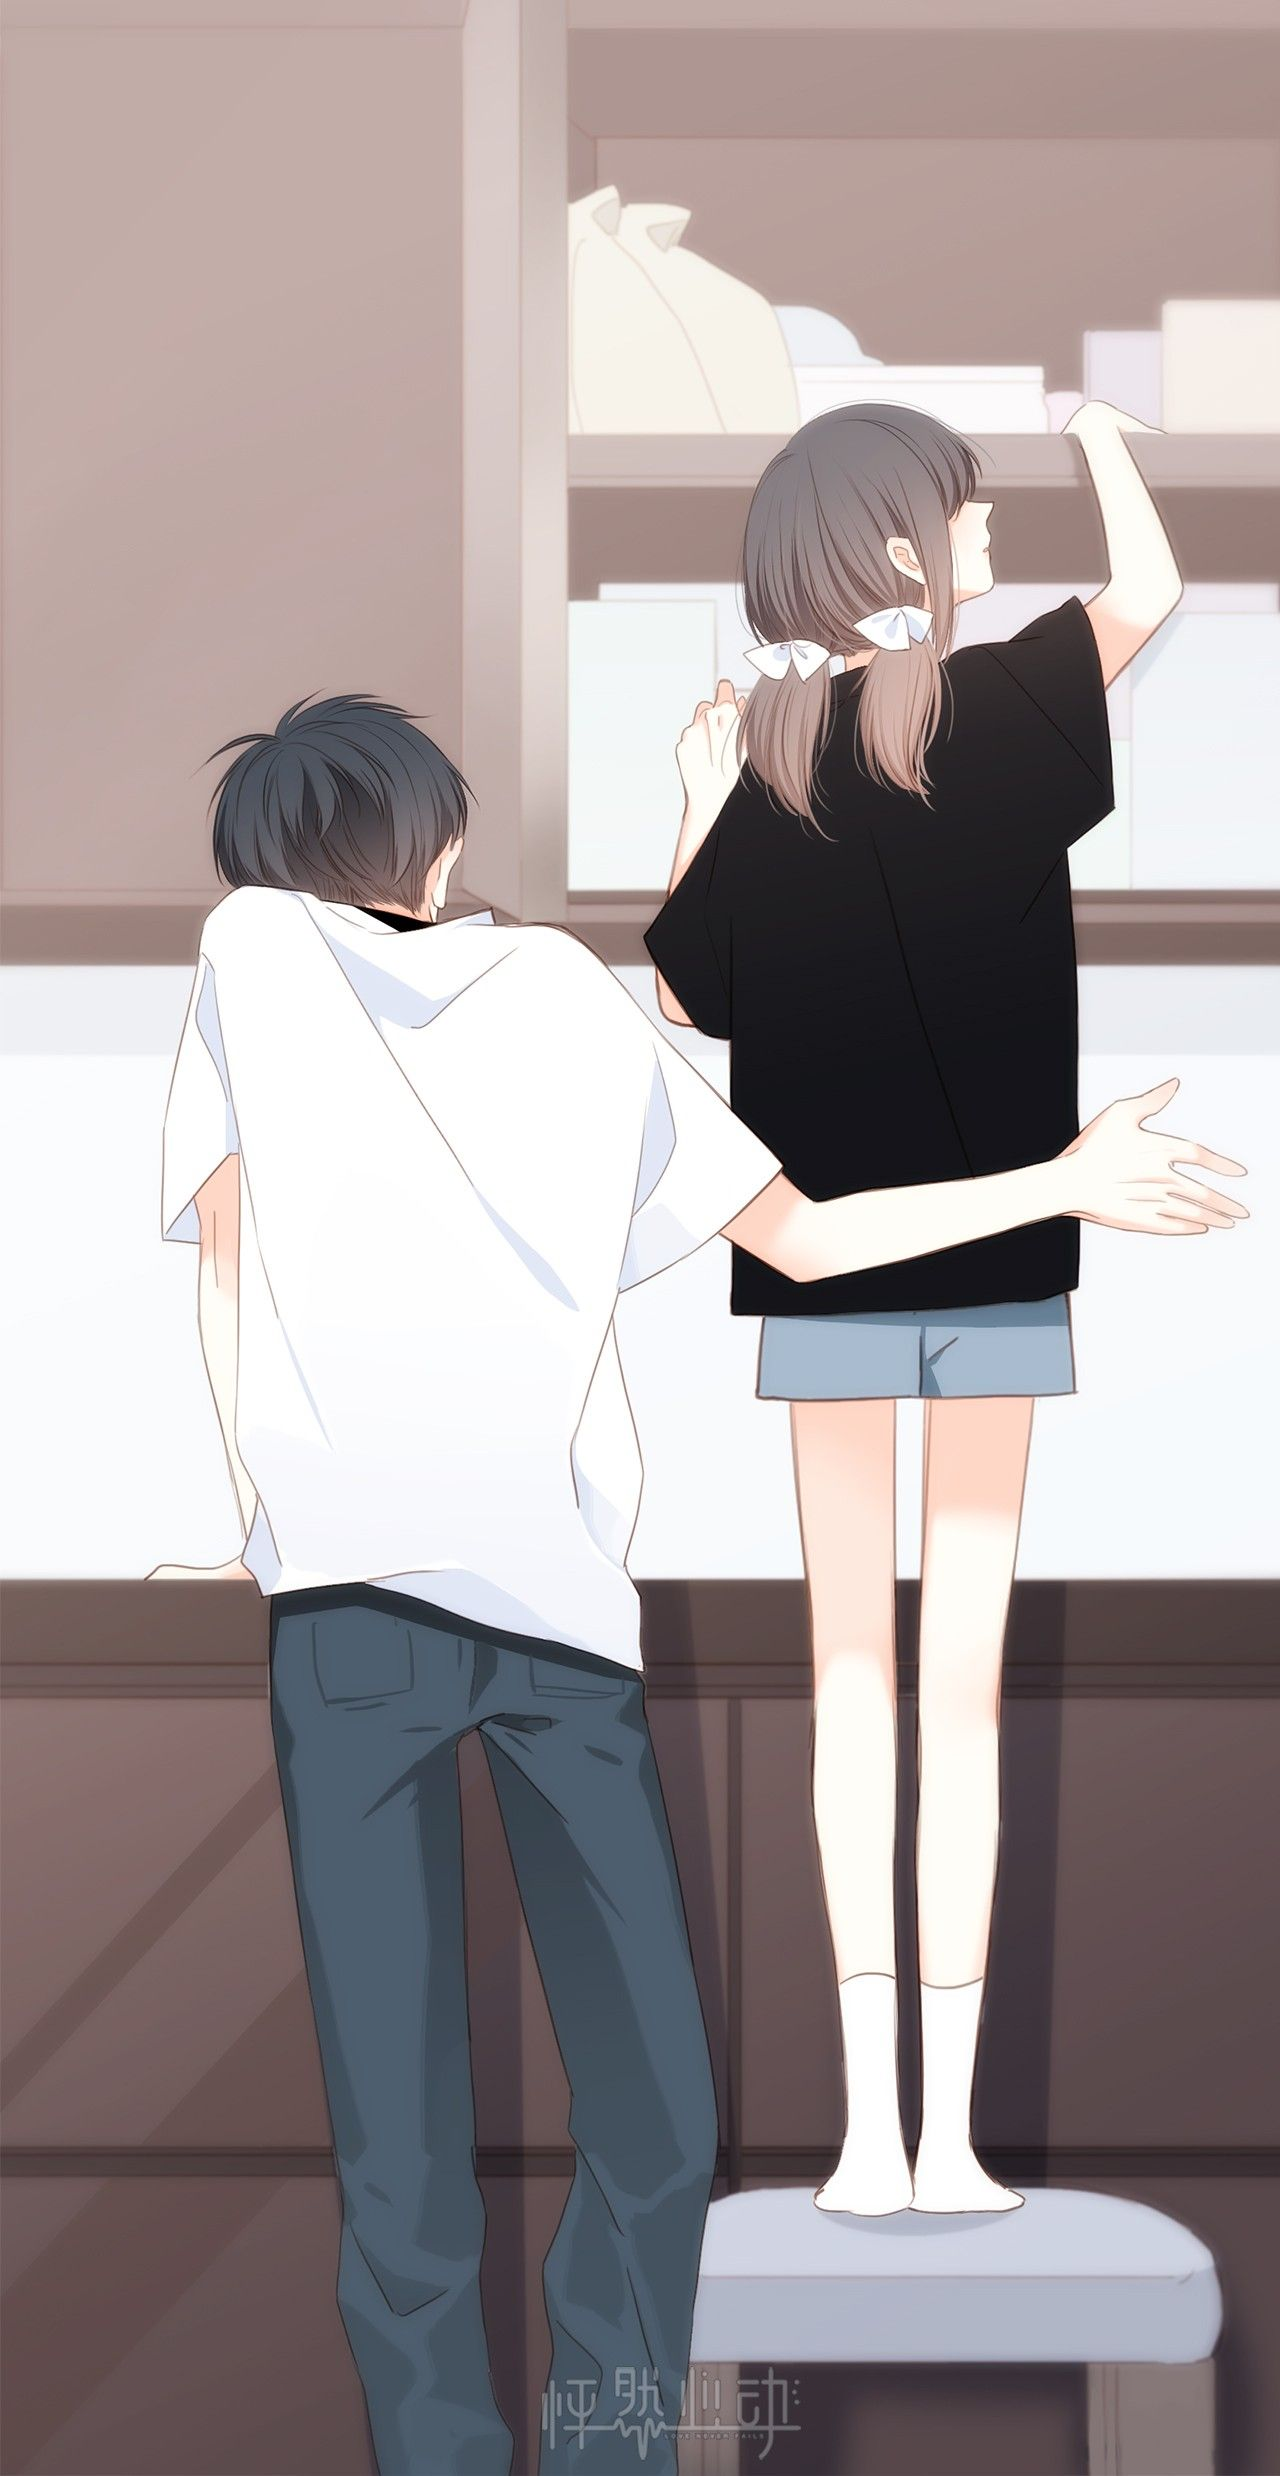 Pin On Parejas Anime3